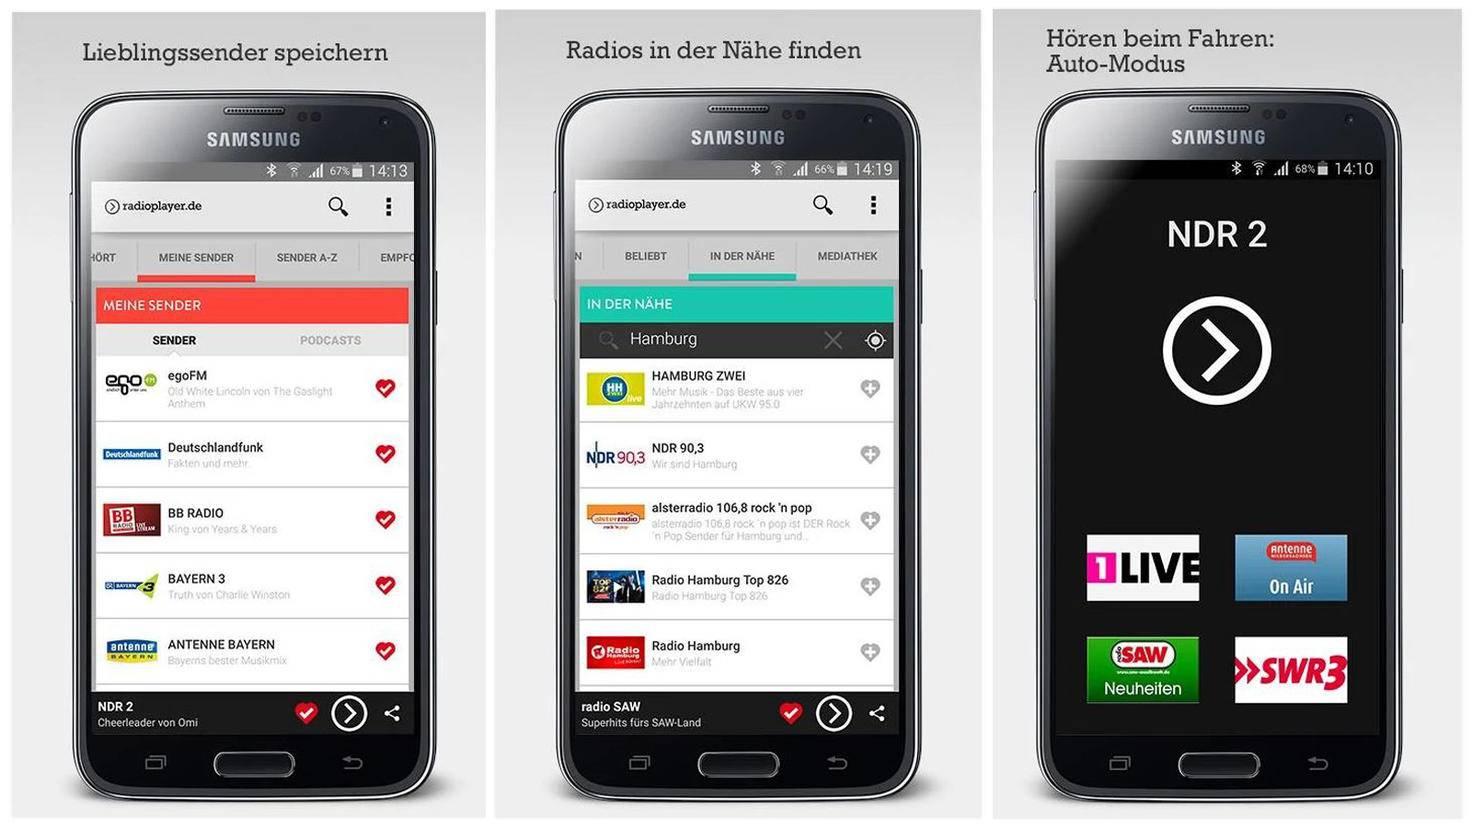 Radioplayer-de-Google Play Store-Radioplayer Deutschland GmbH